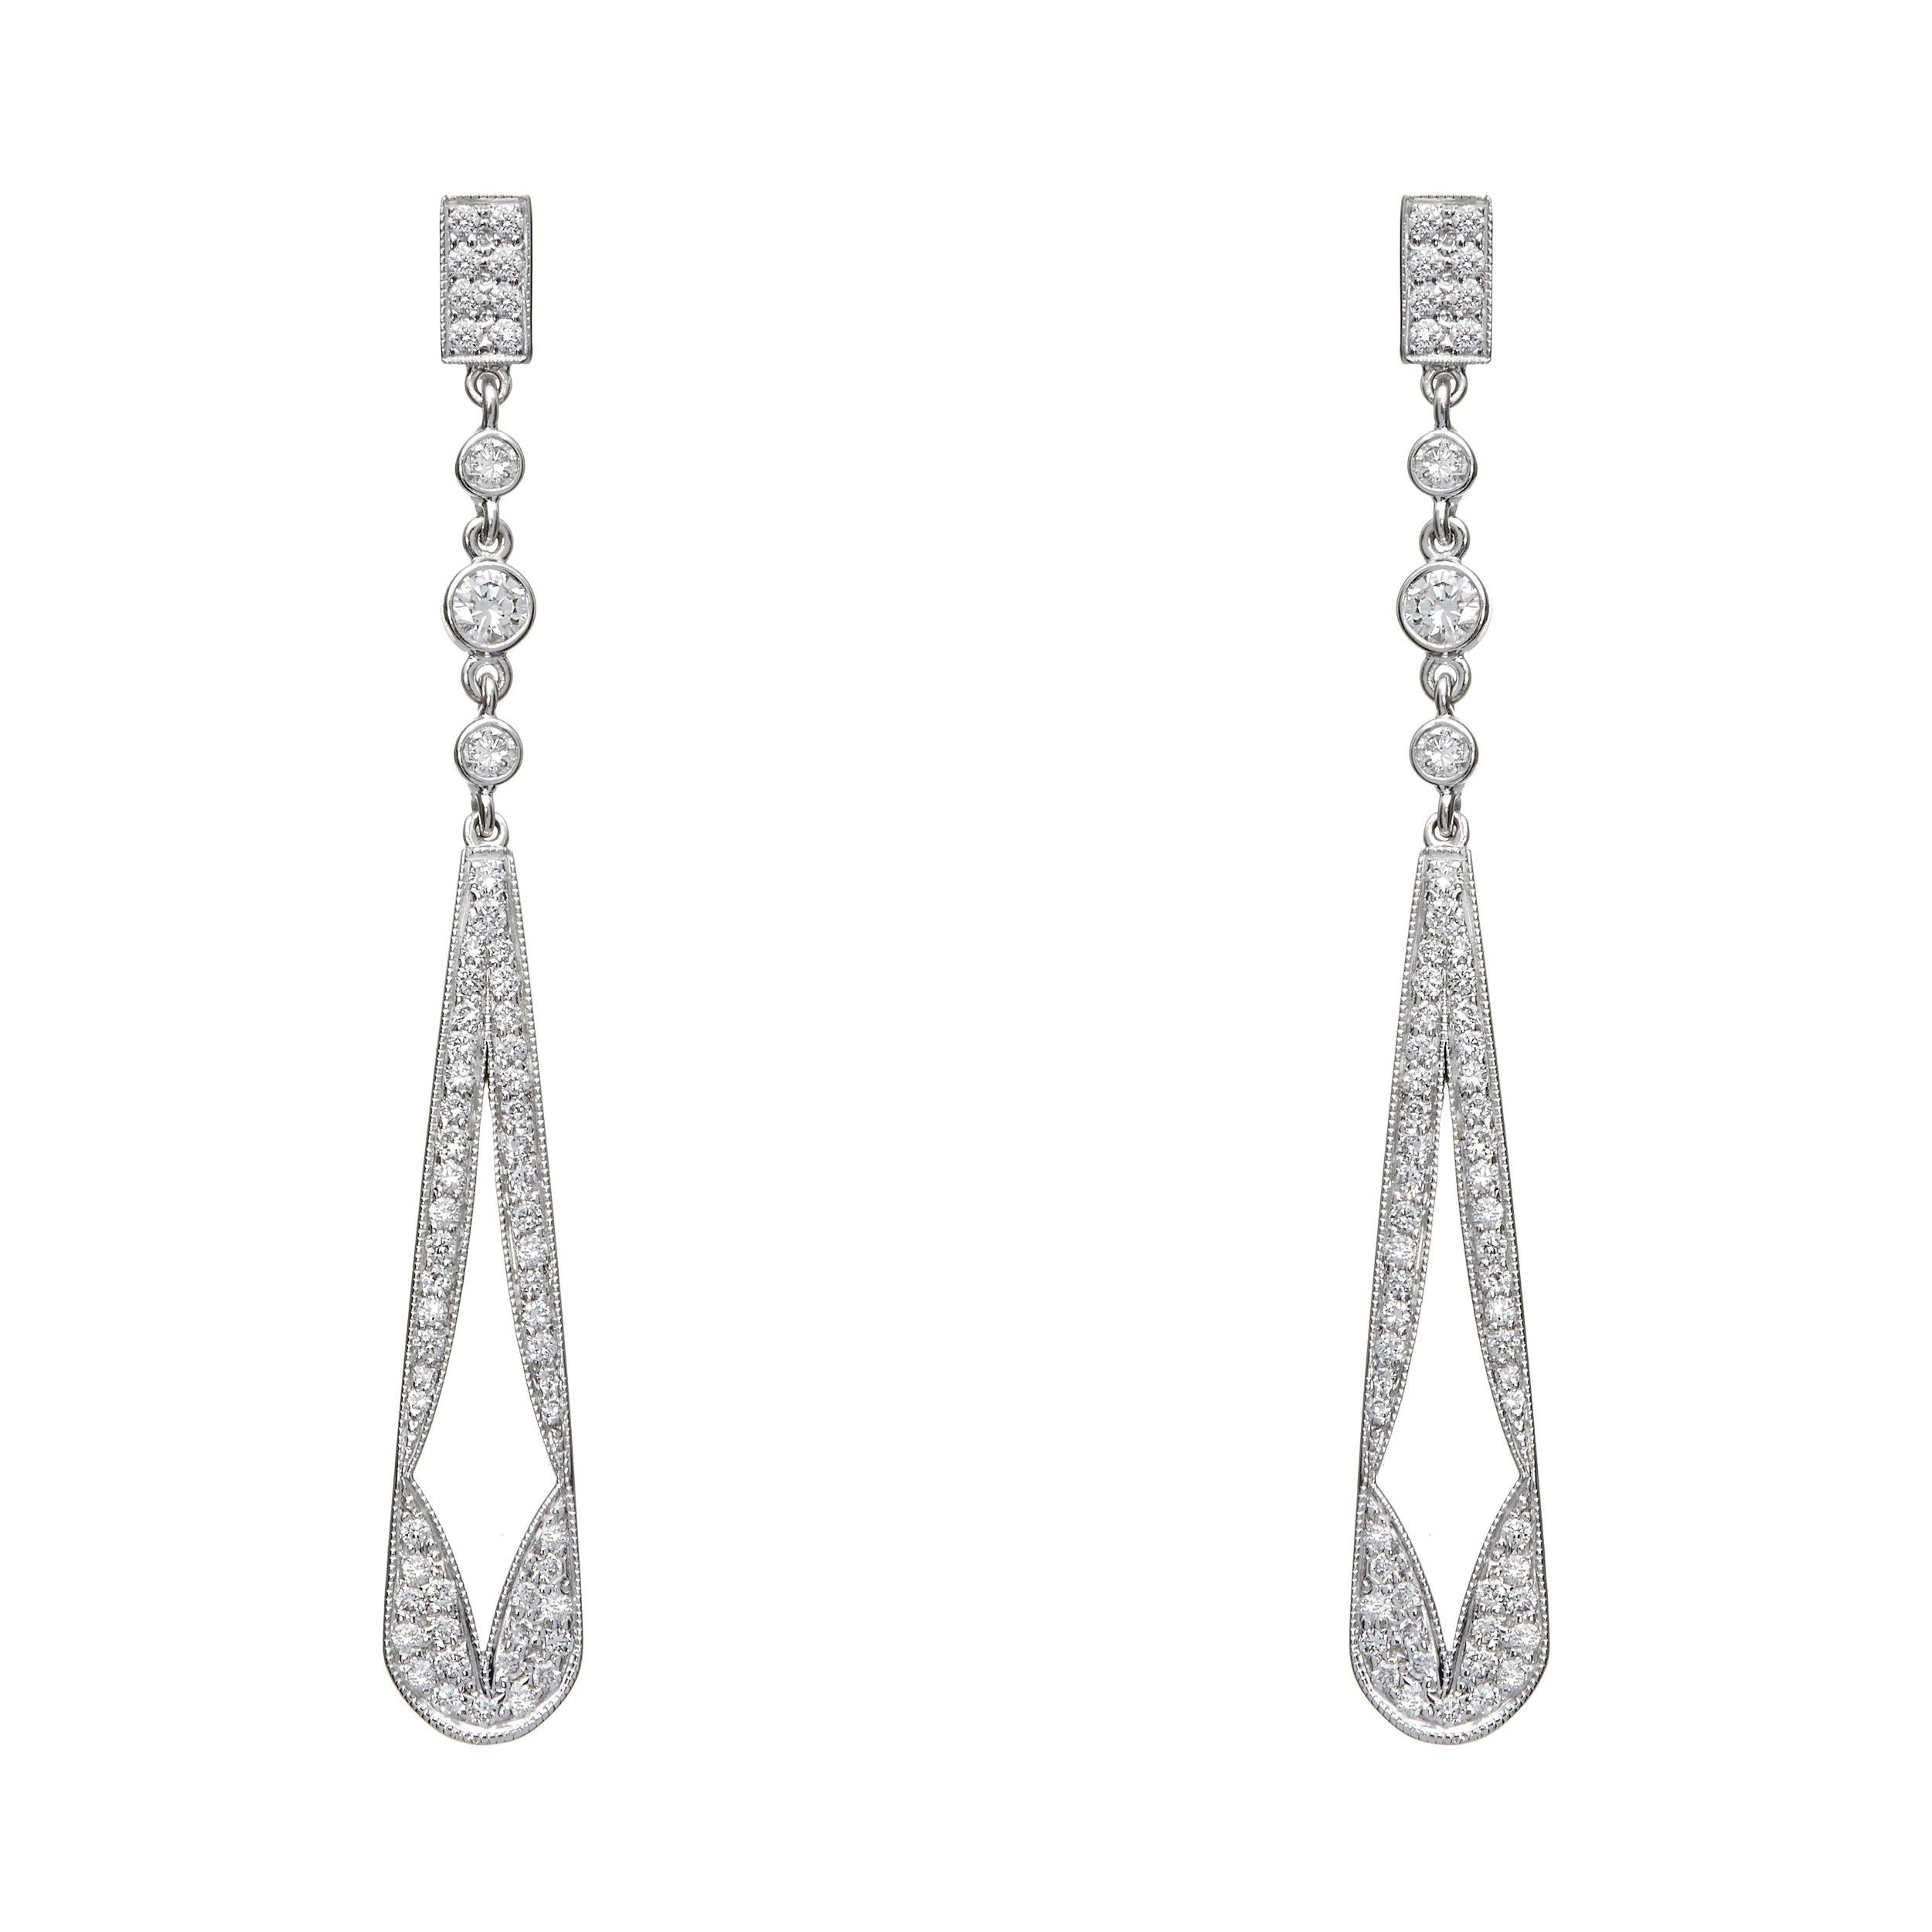 Bespoke Earrings